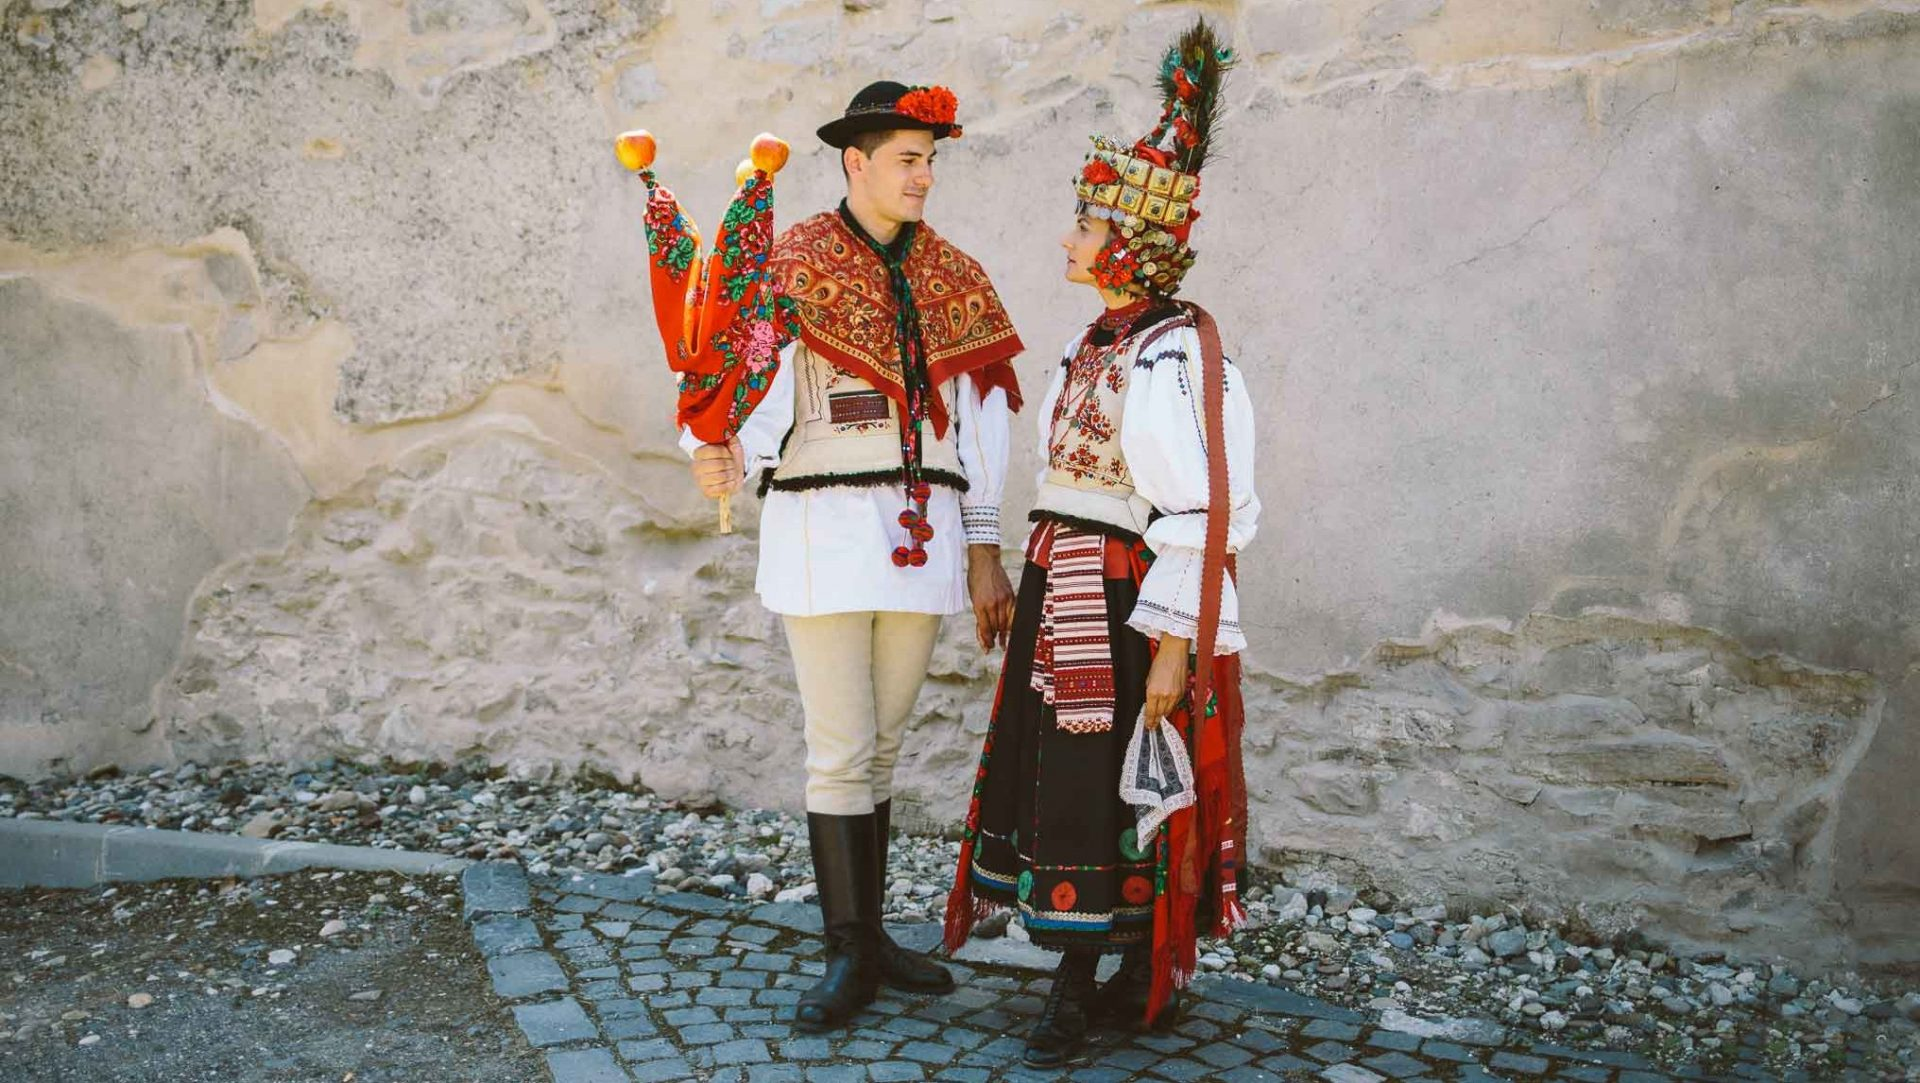 Petreceri ce vor respecta obiceiurile românești, de la bucate alese cu multă migală la decor și straie populare, totul reprezentând o frântură din tradițiile zonei alese de voi.